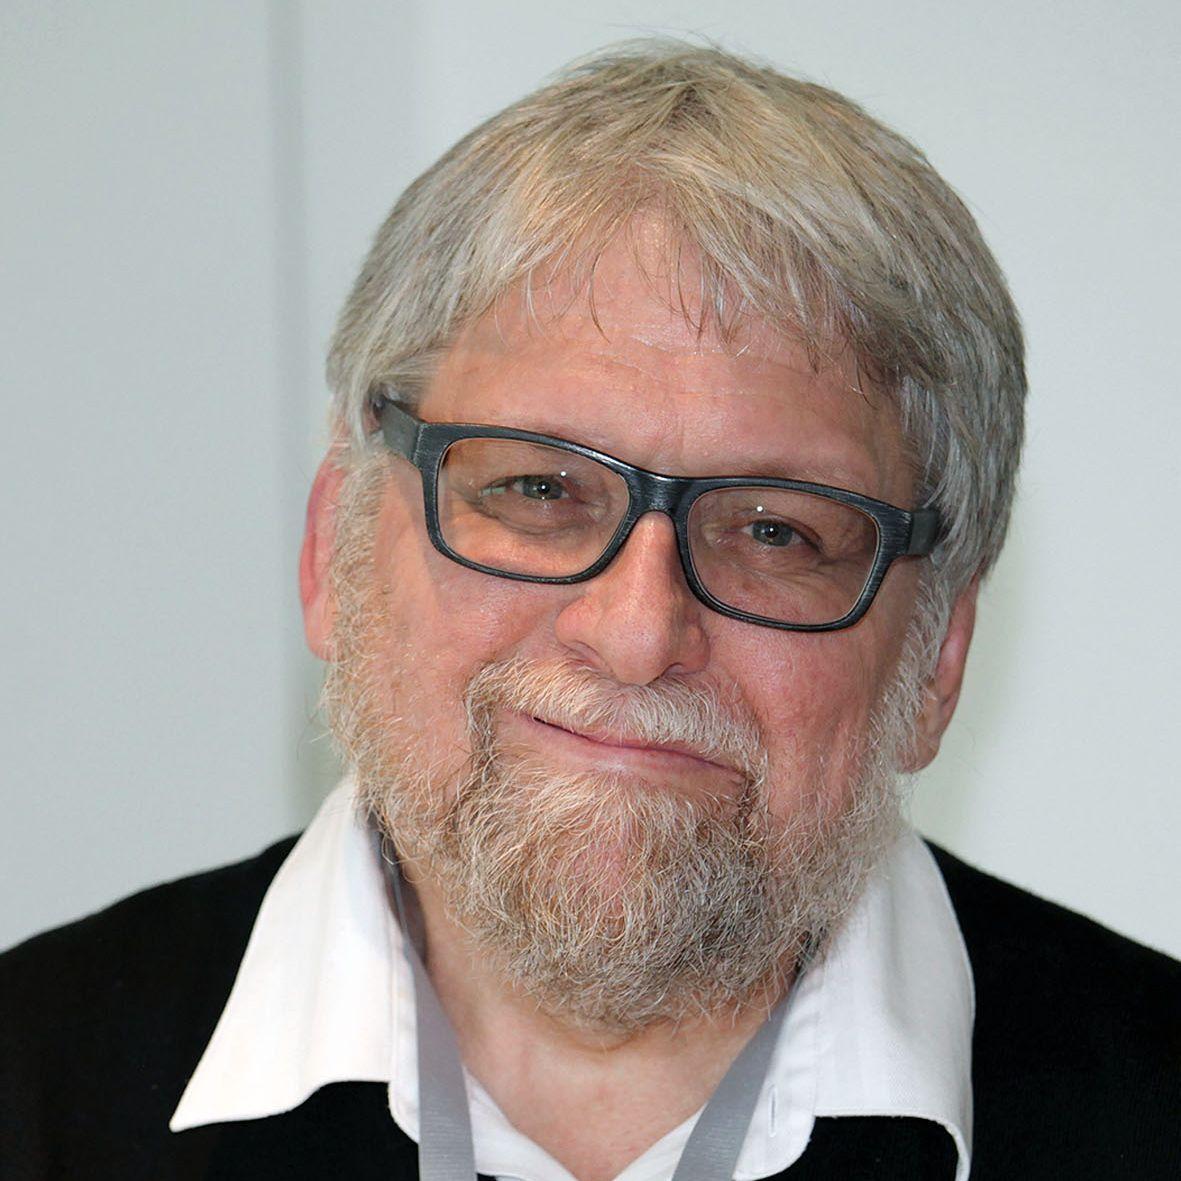 Dr. Lupski